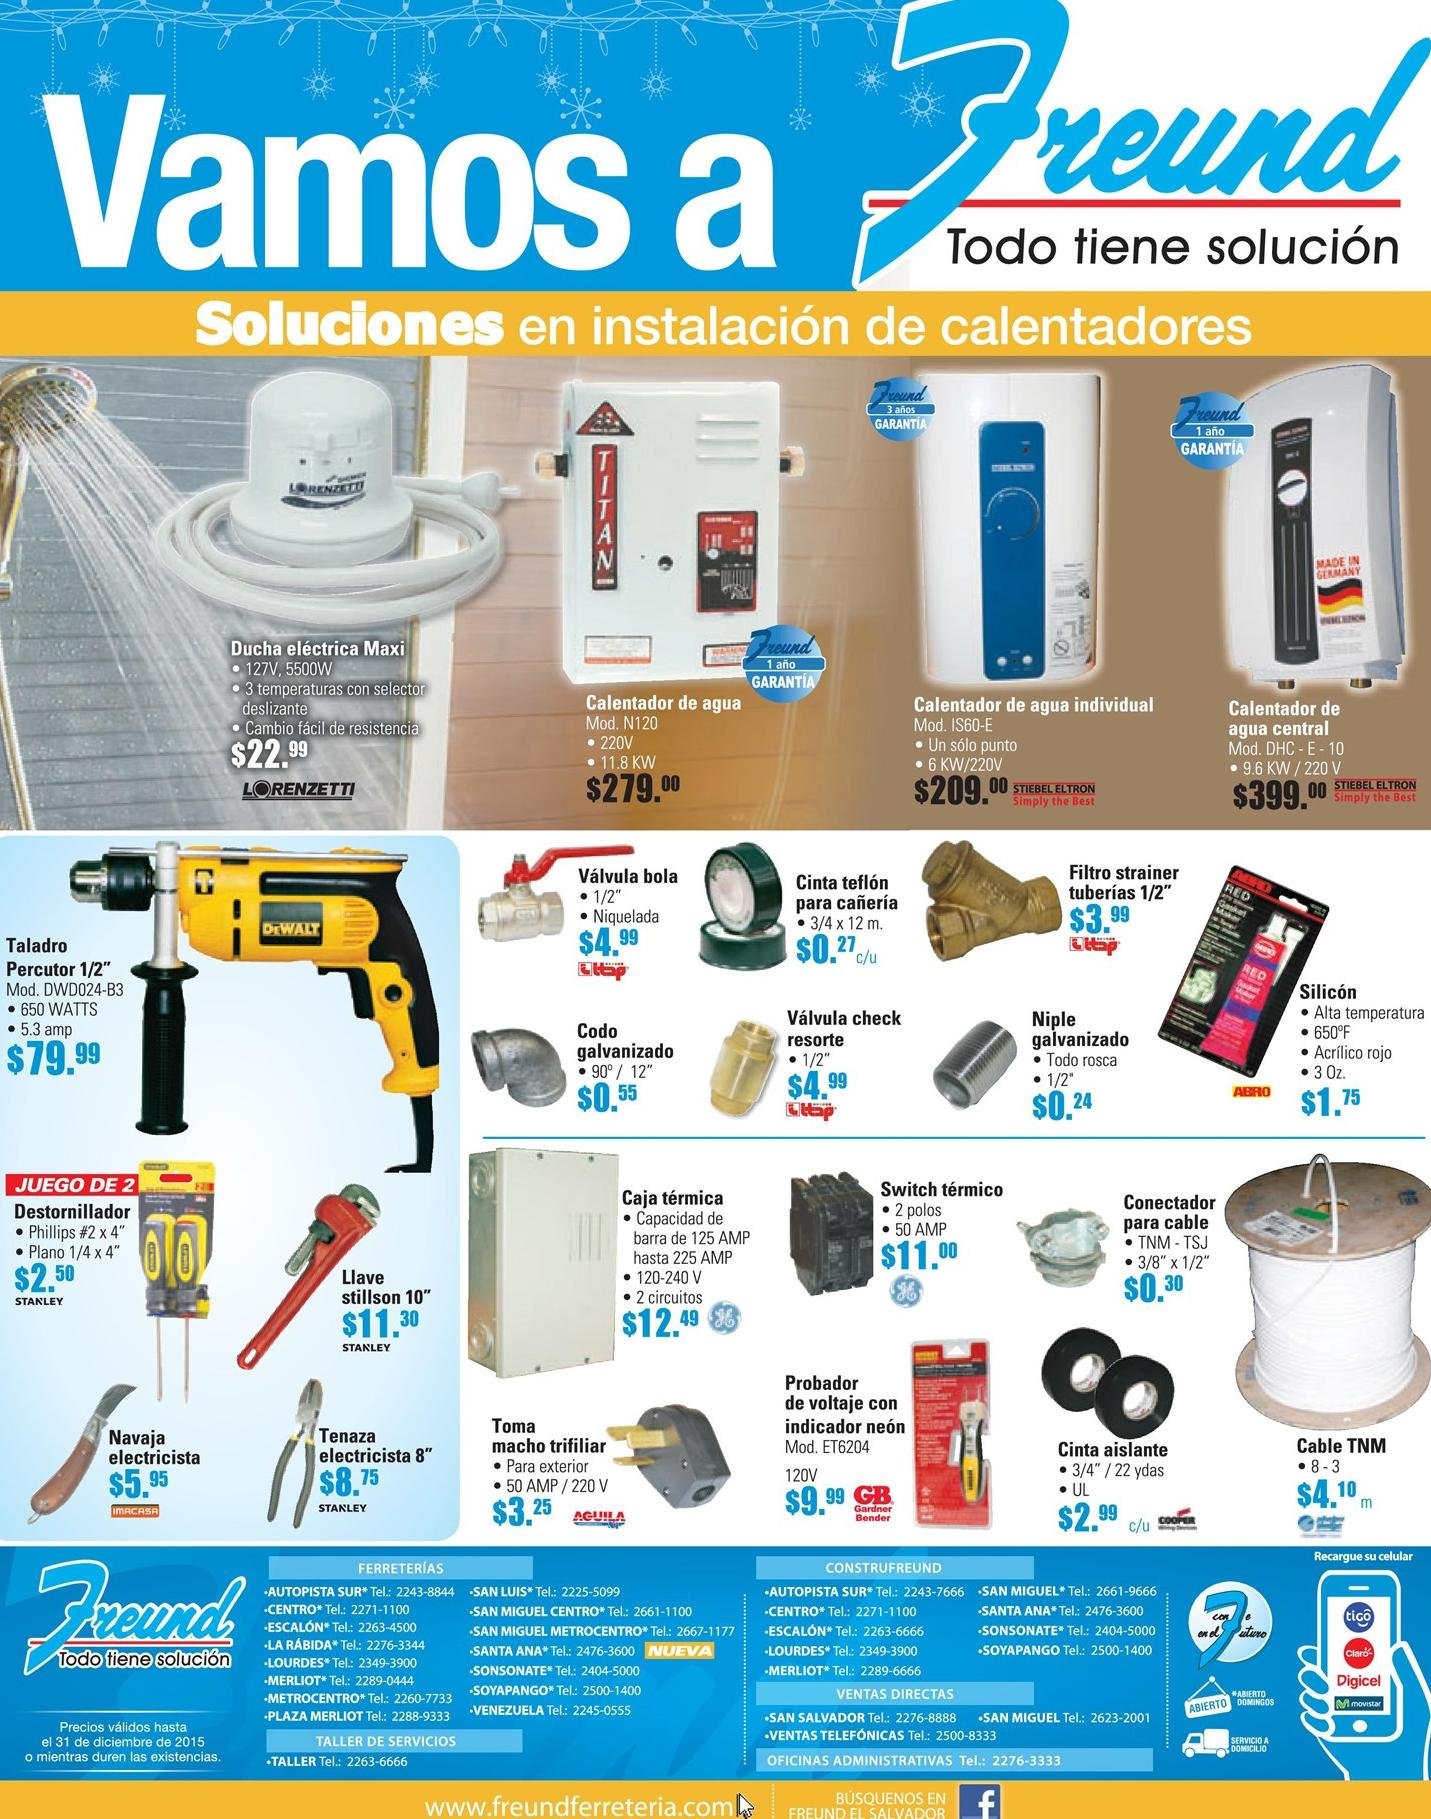 FREUND productos y soluciones para instalcion de calentadores